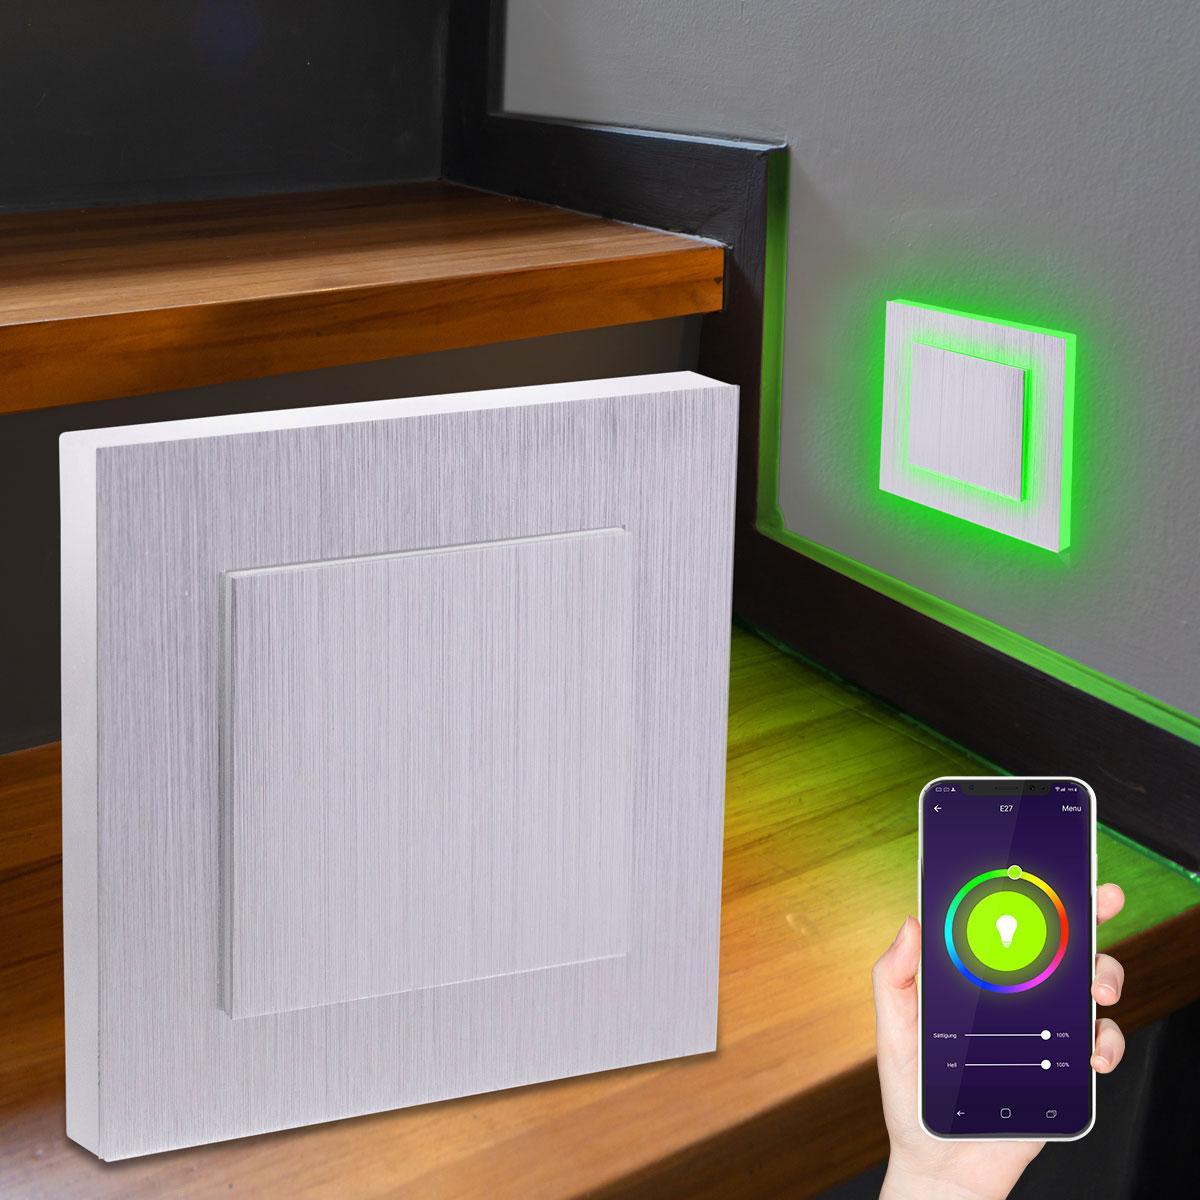 LED Treppenlicht Wandeinbauleuchte Smart Tuya RGB+CCT 230V 5W Alu-gebürstet Lichtaustritt seitlich/doppelt